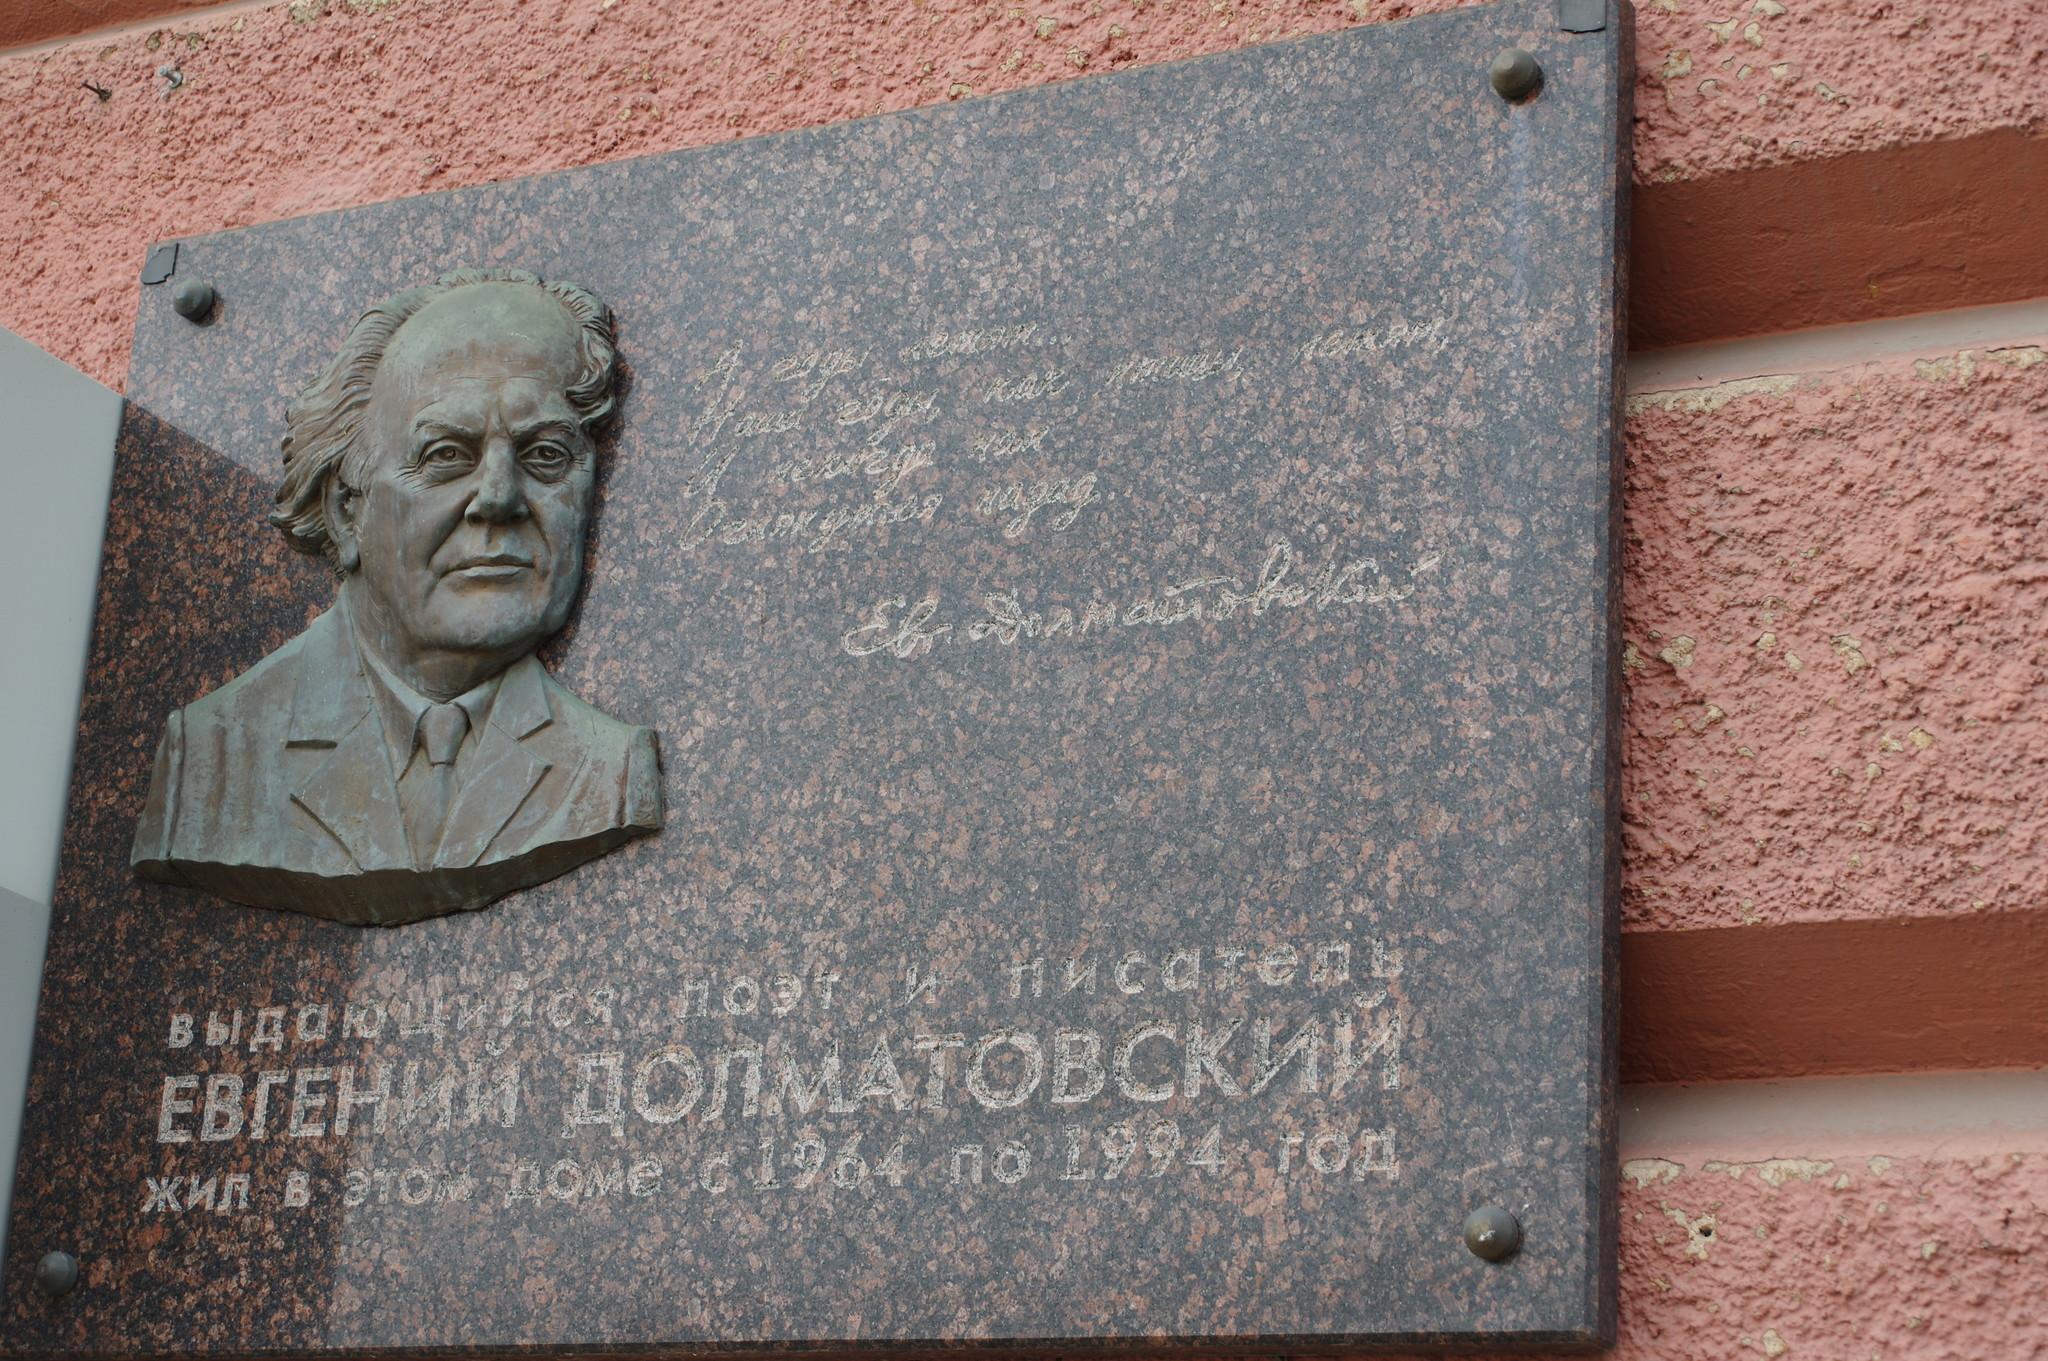 Мемориальная доска Евгению Ароновичу Долматовскому на фасаде дома, в котором выдающийся поэт и писатель жил с 1964 года по 1994 год (3-я Фрунзенская улица, дом 1)